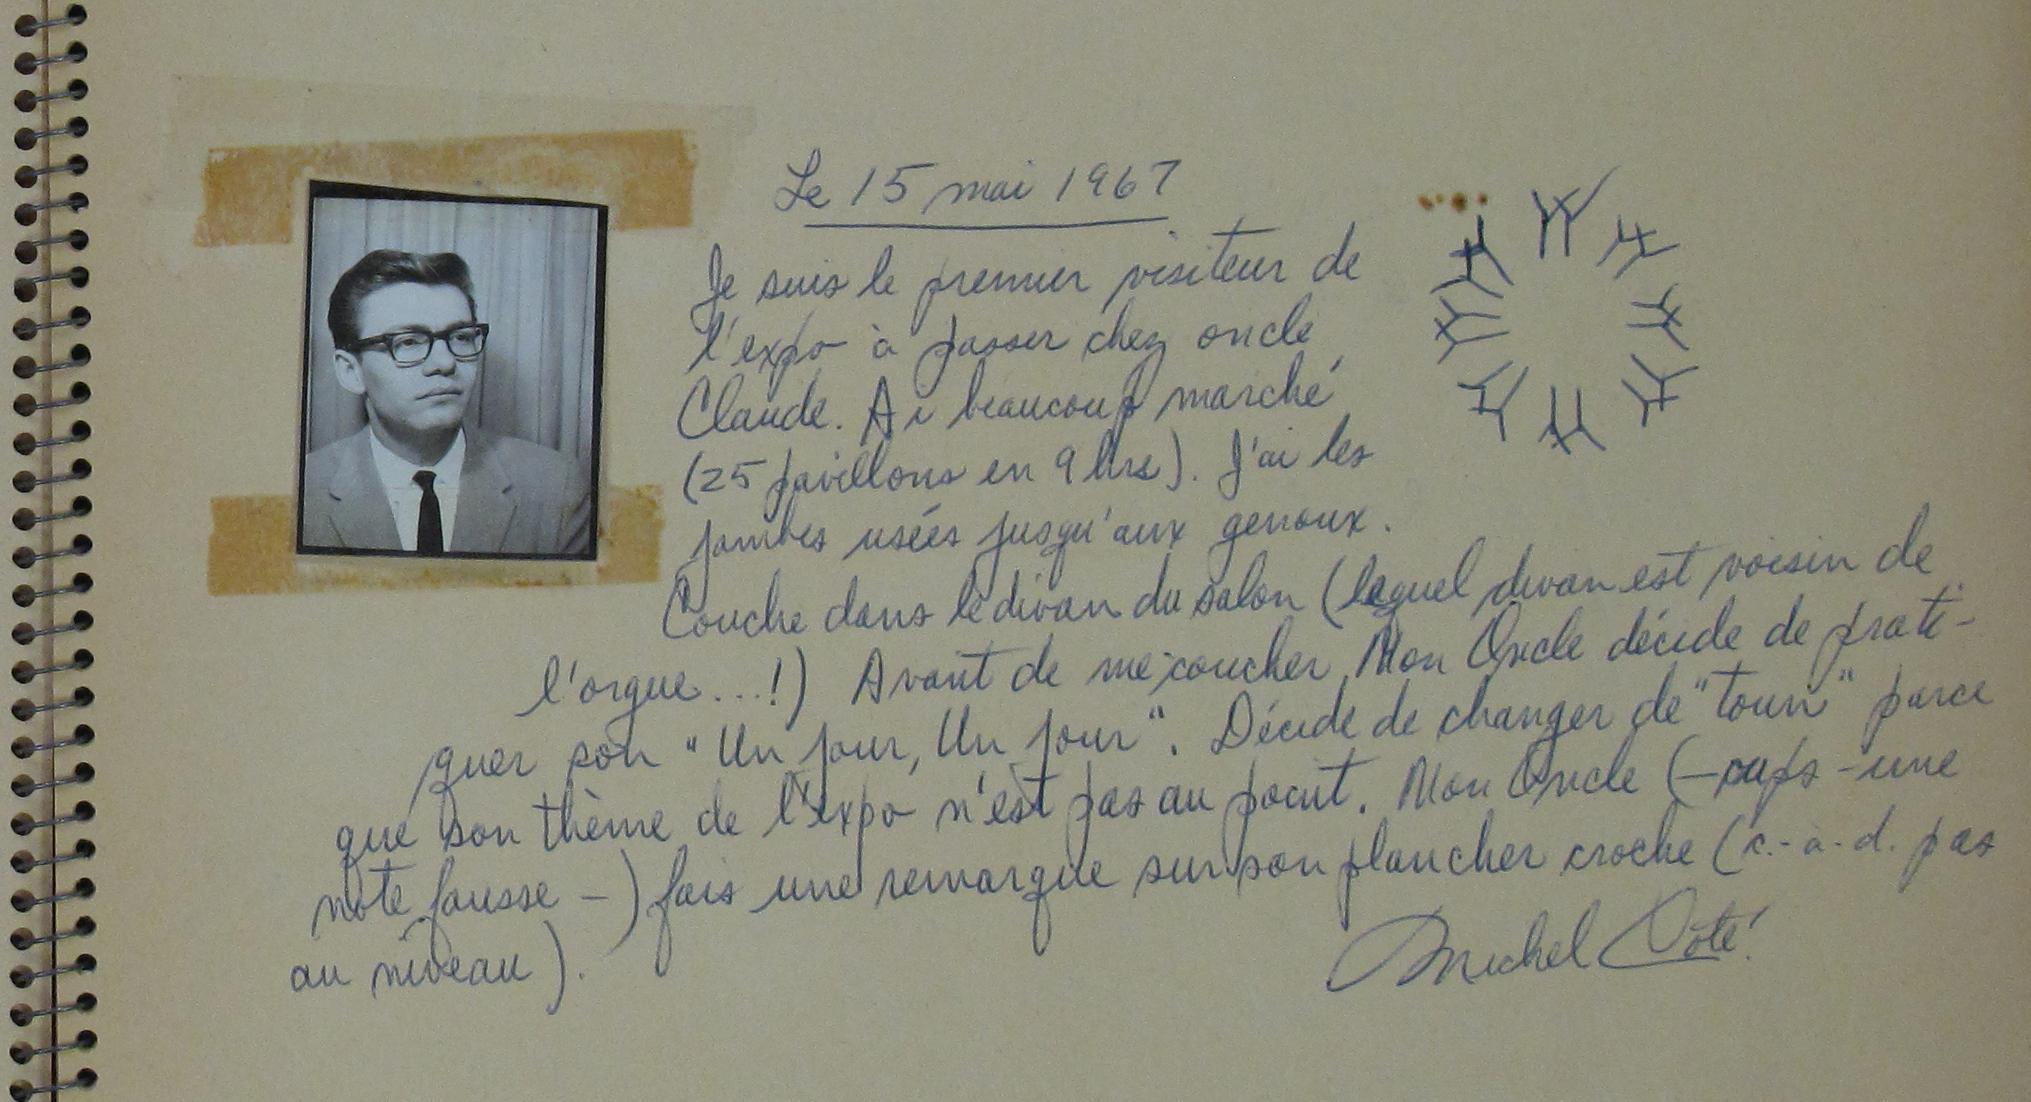 Commentaire d'un visiteur dans le livre de signatures d'une famille qui hébergeait des visiteurs d'Expo 67